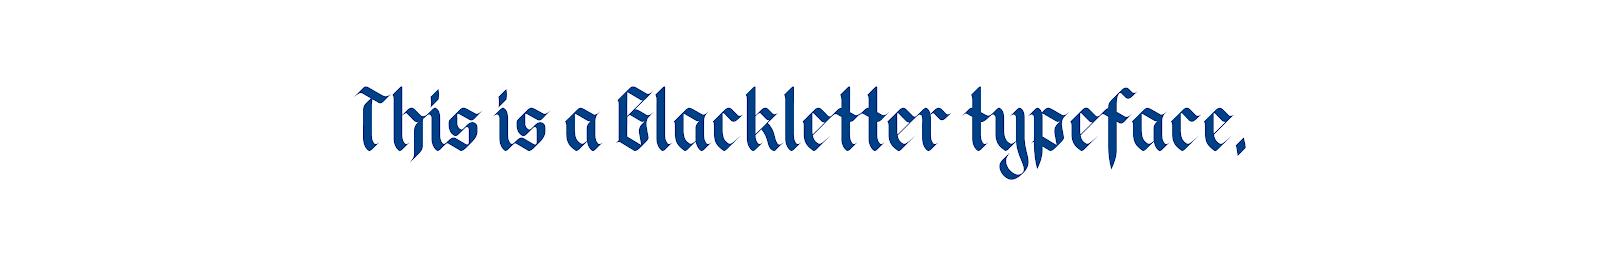 Готический или черный шрифт